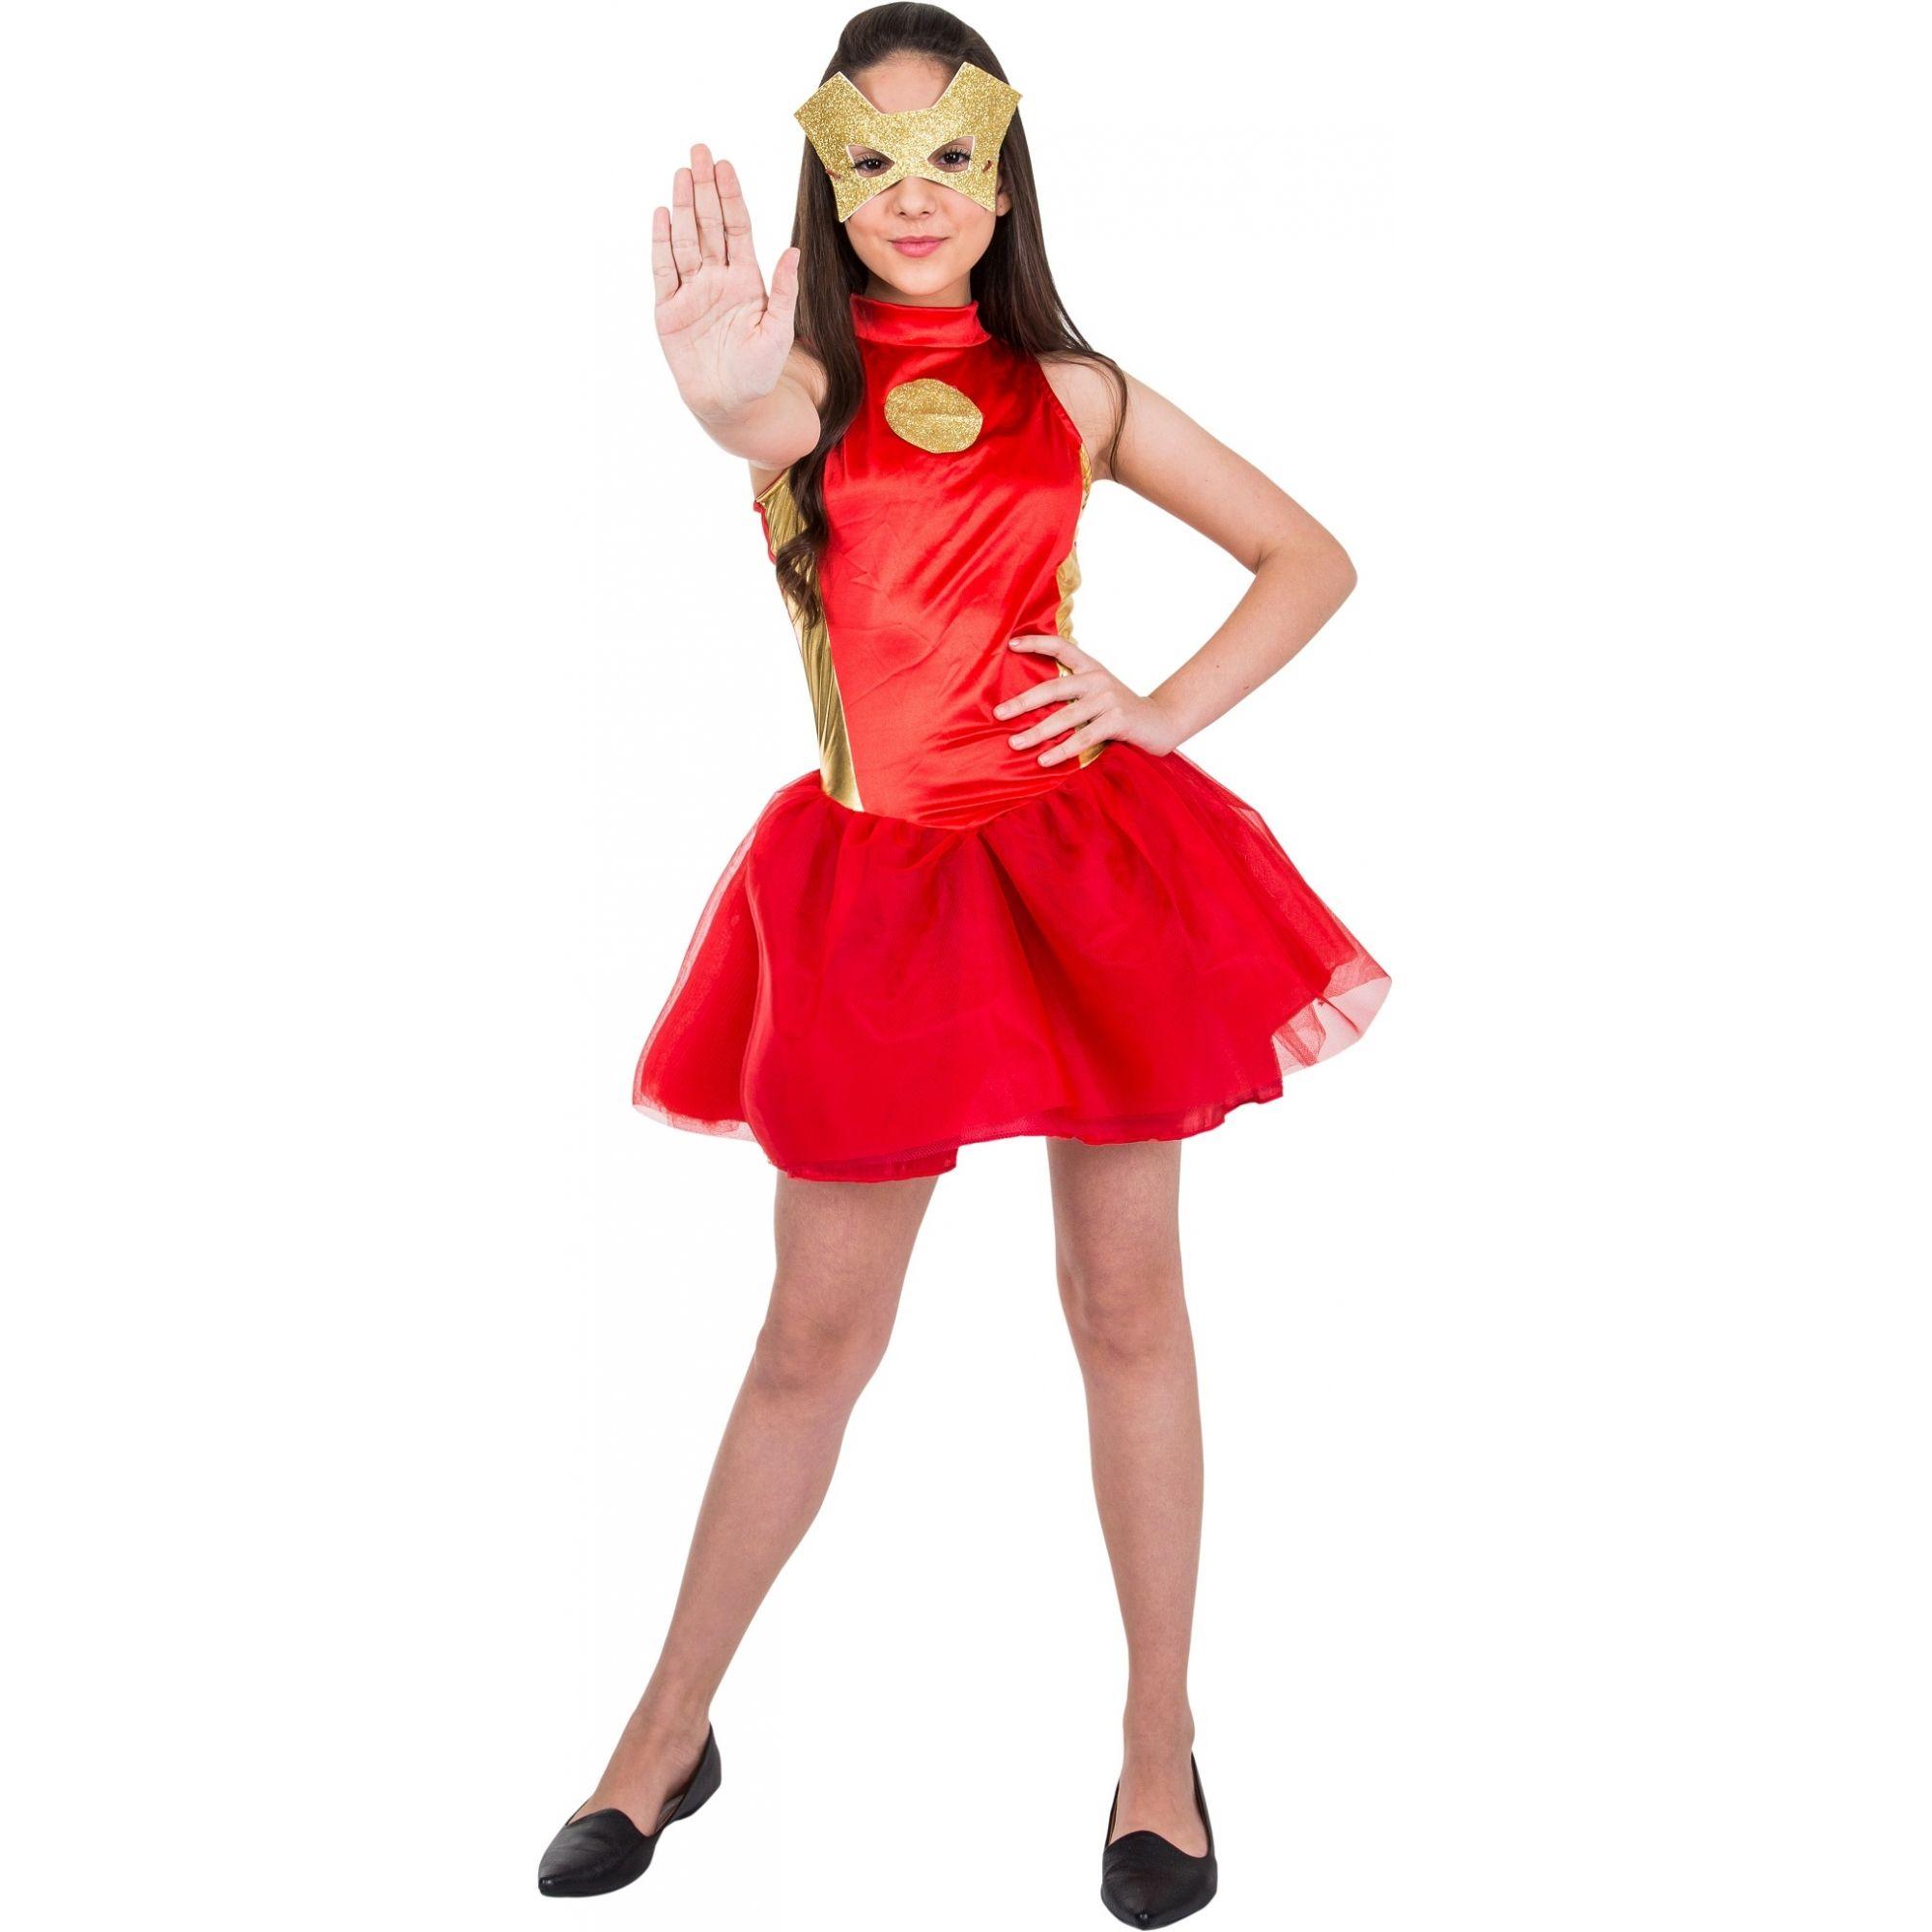 Fantasia Vestido Homem de Ferro Feminina Infantil Vingadores